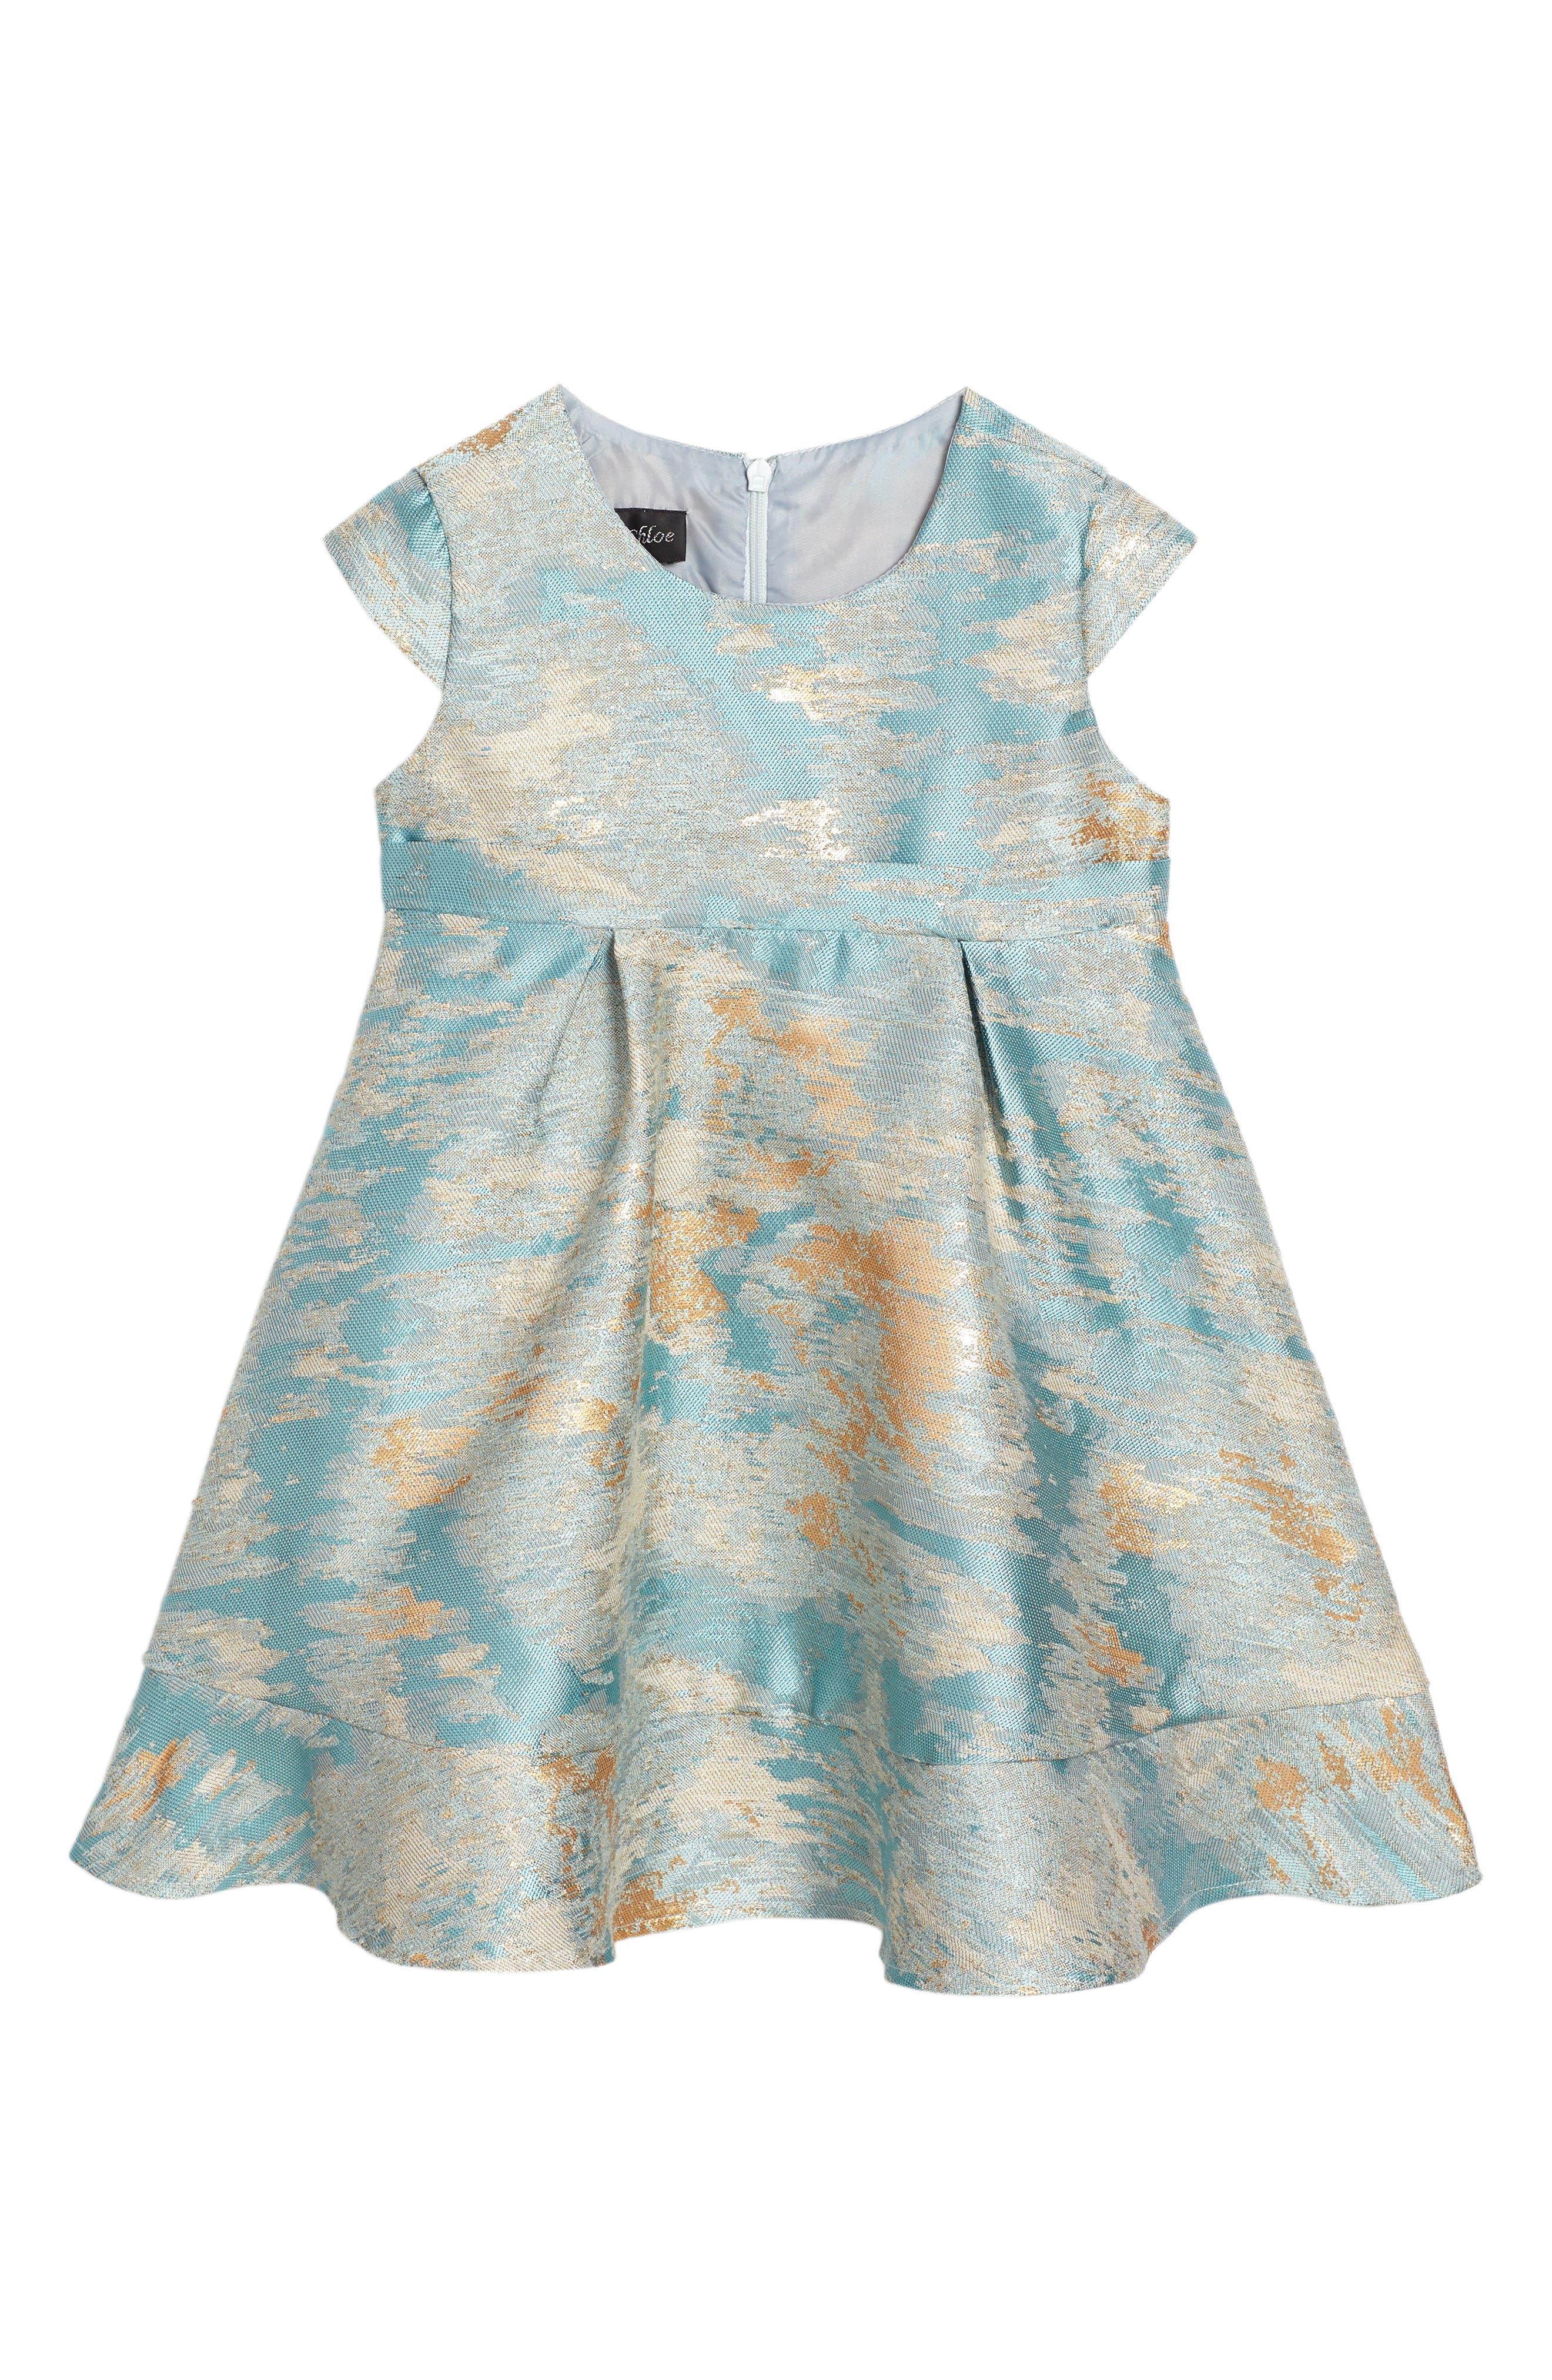 Isobella & Chloe Seafoam Empire Waist Dress (Toddler Girls & Little Girls)